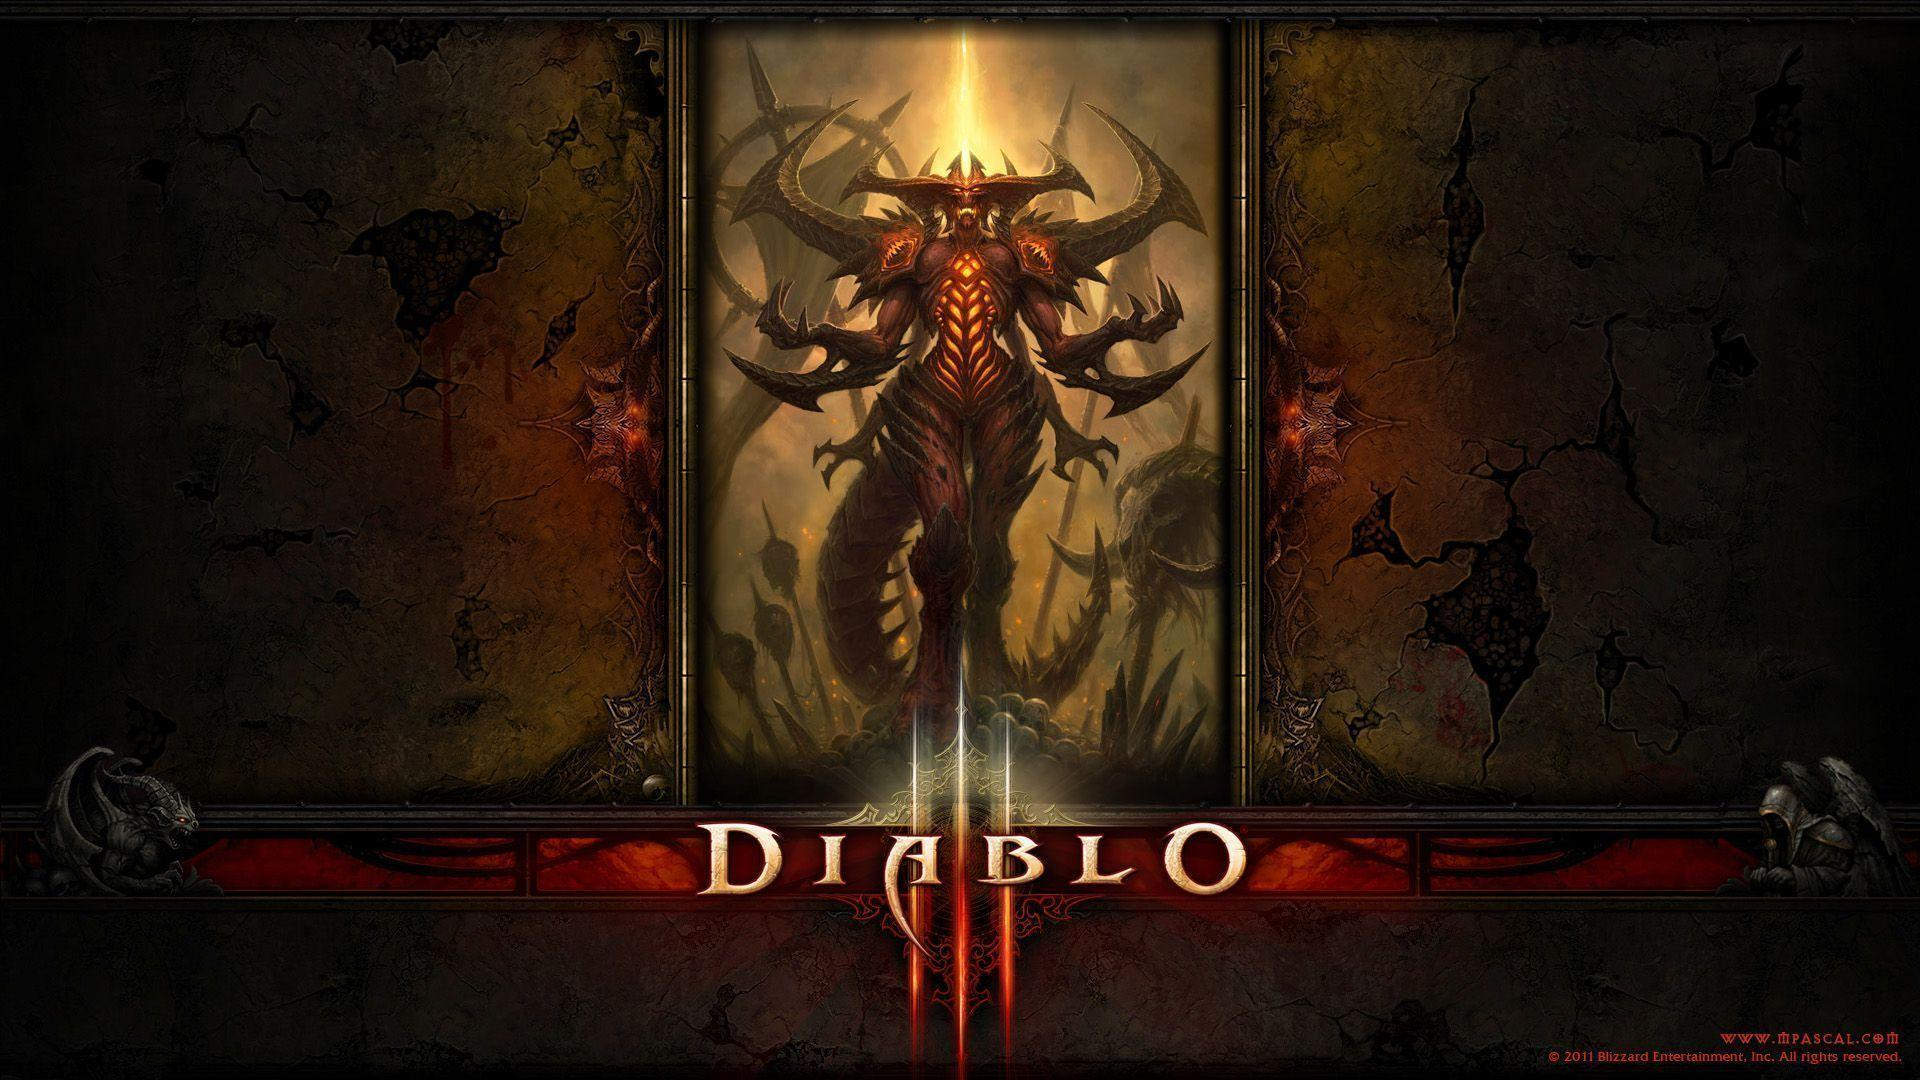 diablo 3 wallpaper 1920x1080 demon hunter best hd wallpaper